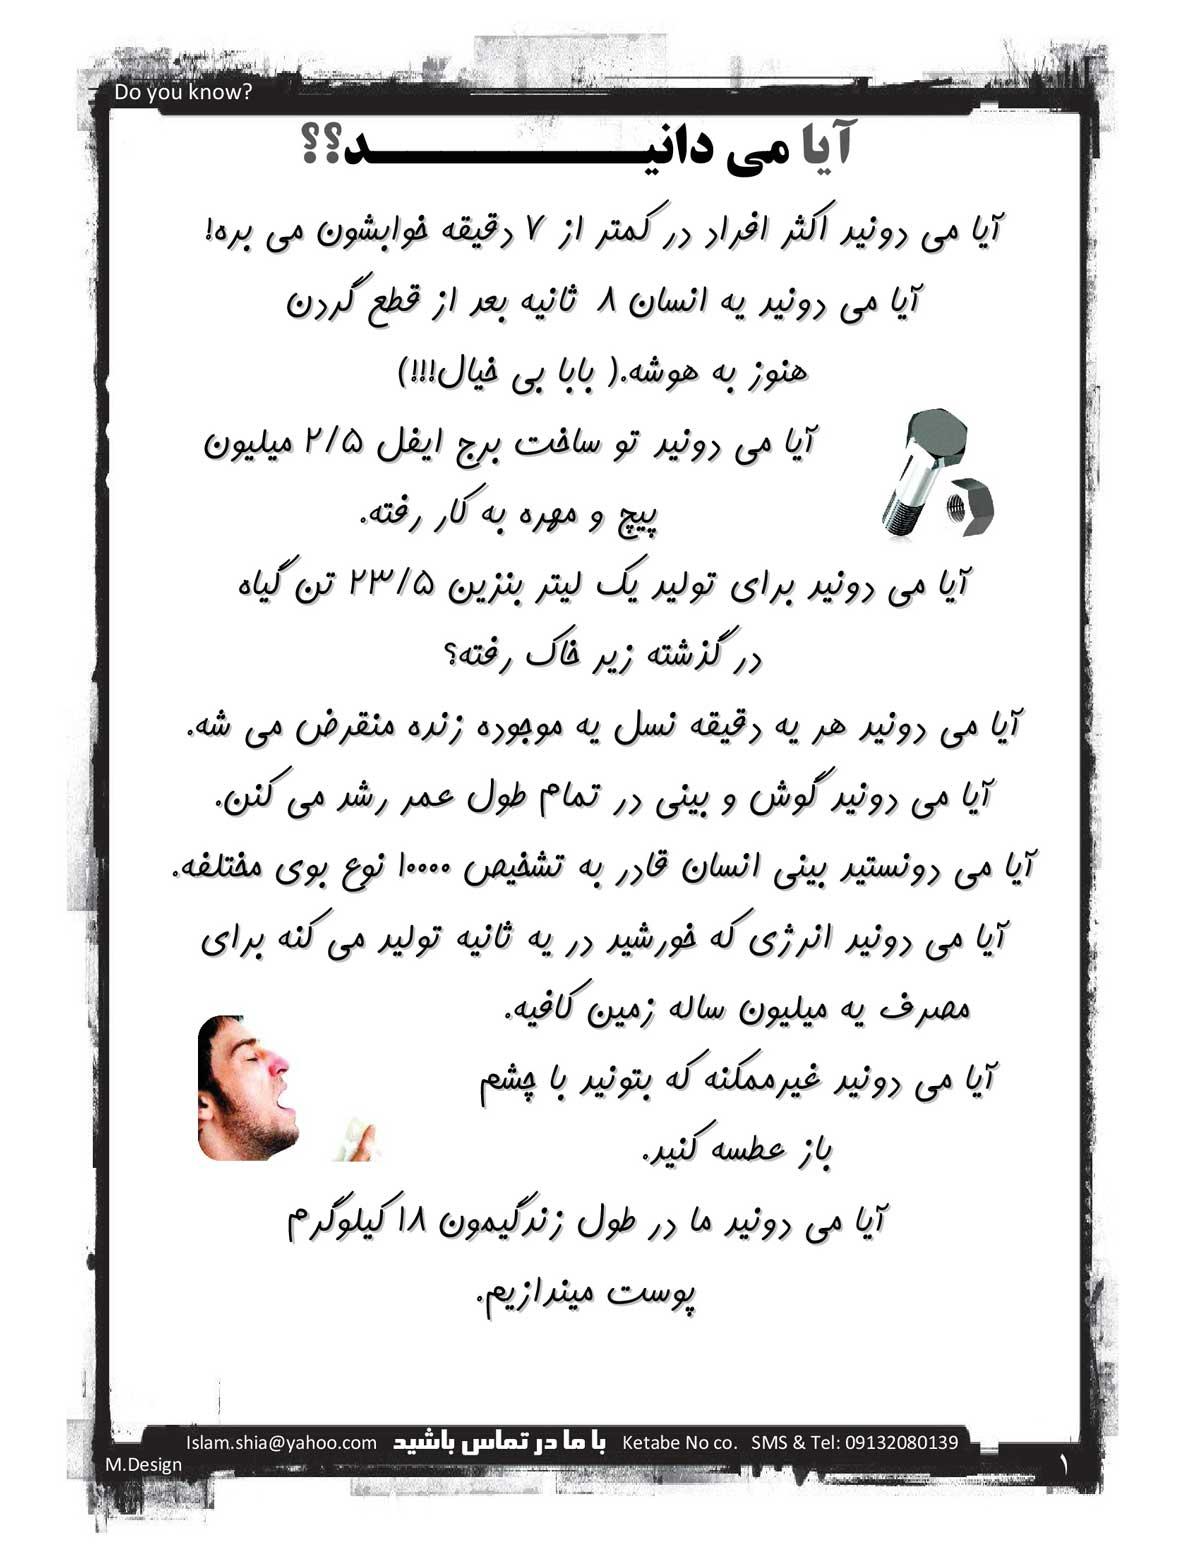 آیا می دانید بردهای فرهنگی مسعود مردیها